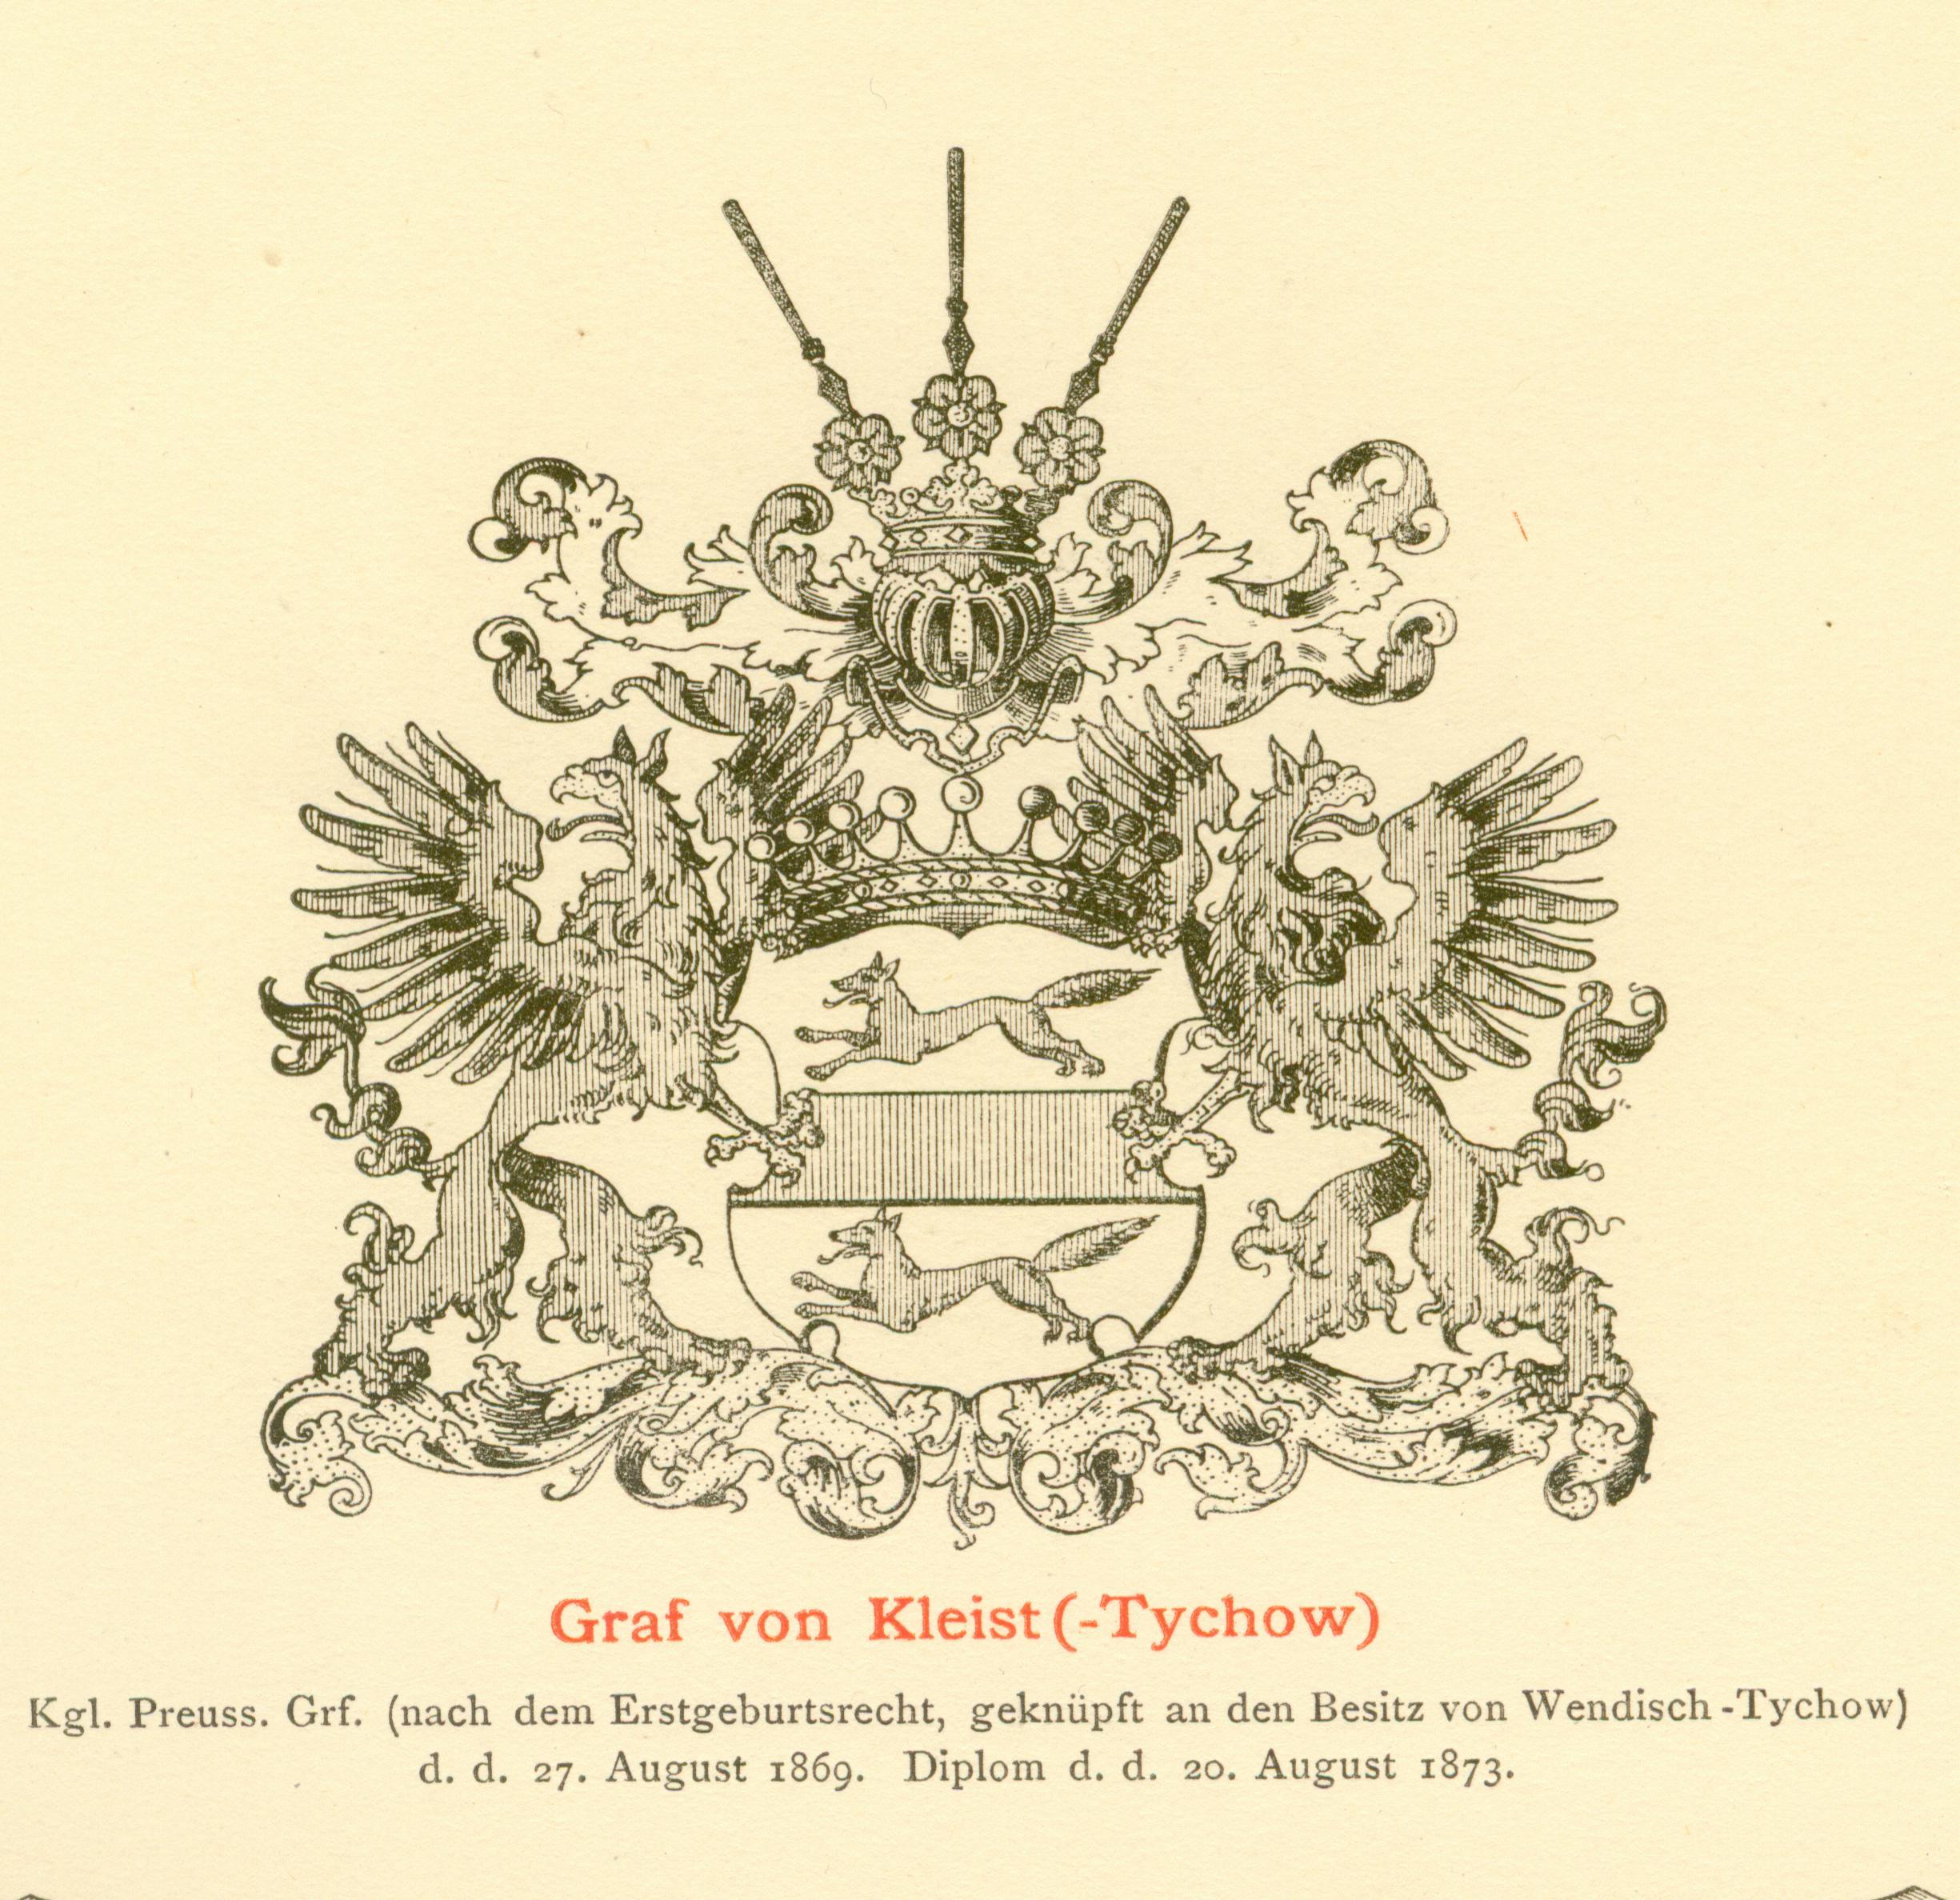 Kleist-Tychow